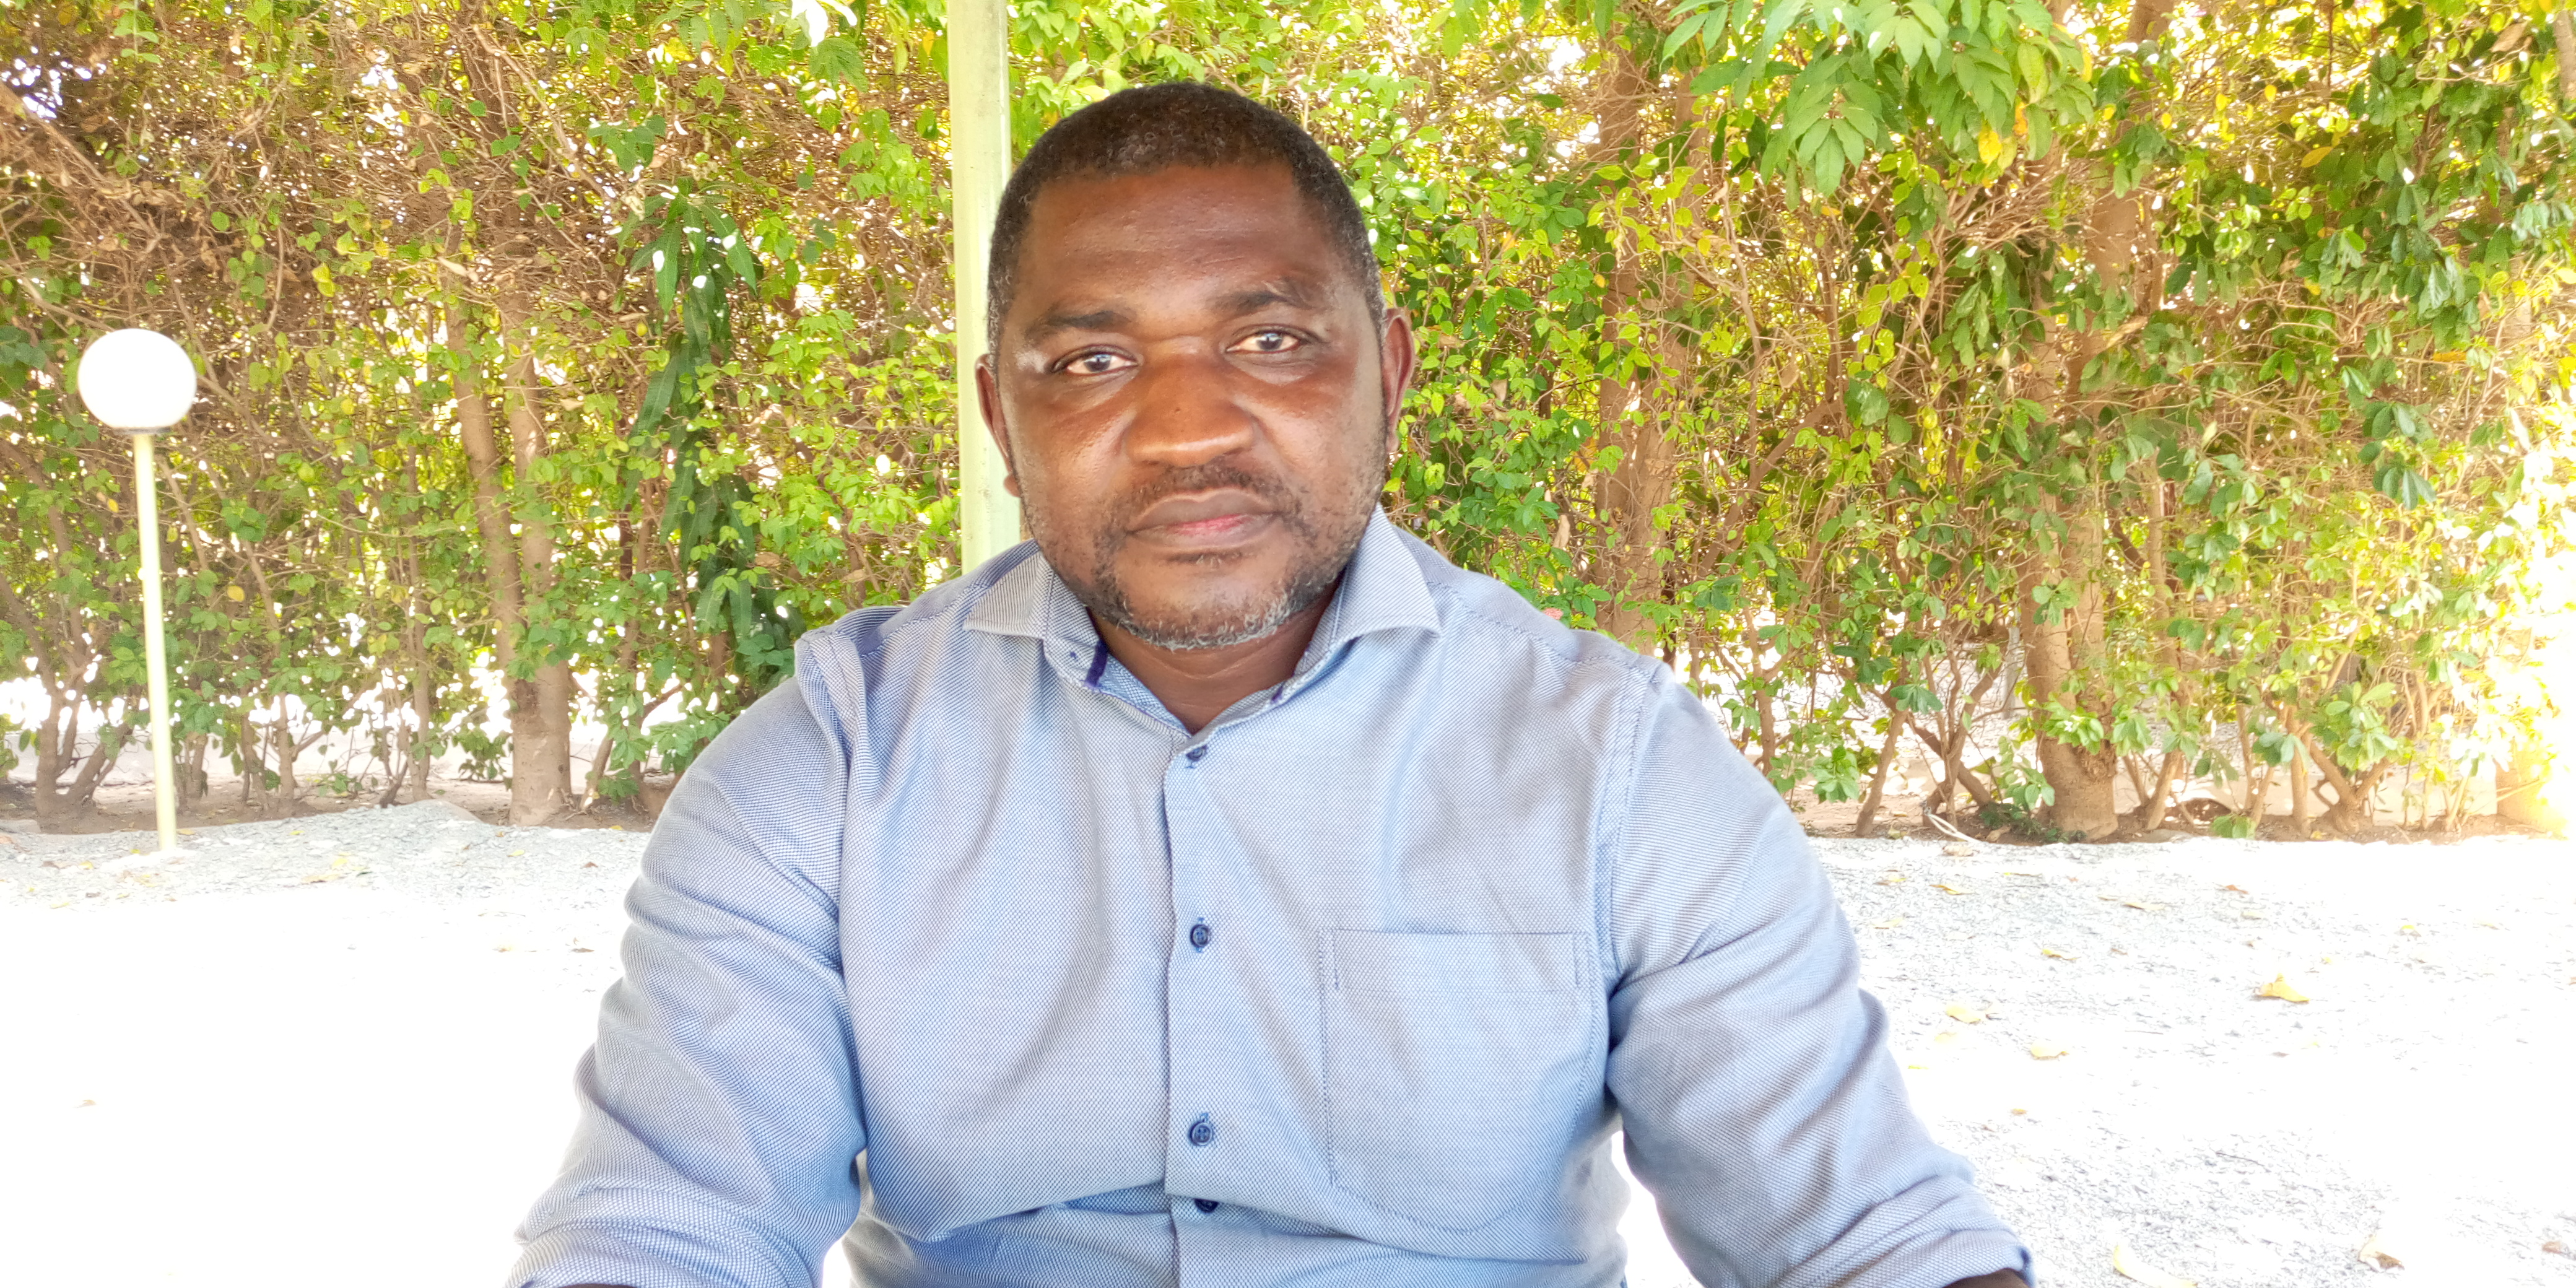 Hervé Bouagnimbeck, Formateur : « La formation Organic Leadership Course (OLC) est une opportunité qu'offre l'IFOAM au Burkina Faso d'avoir des Leaders dans l'agriculture biologique »